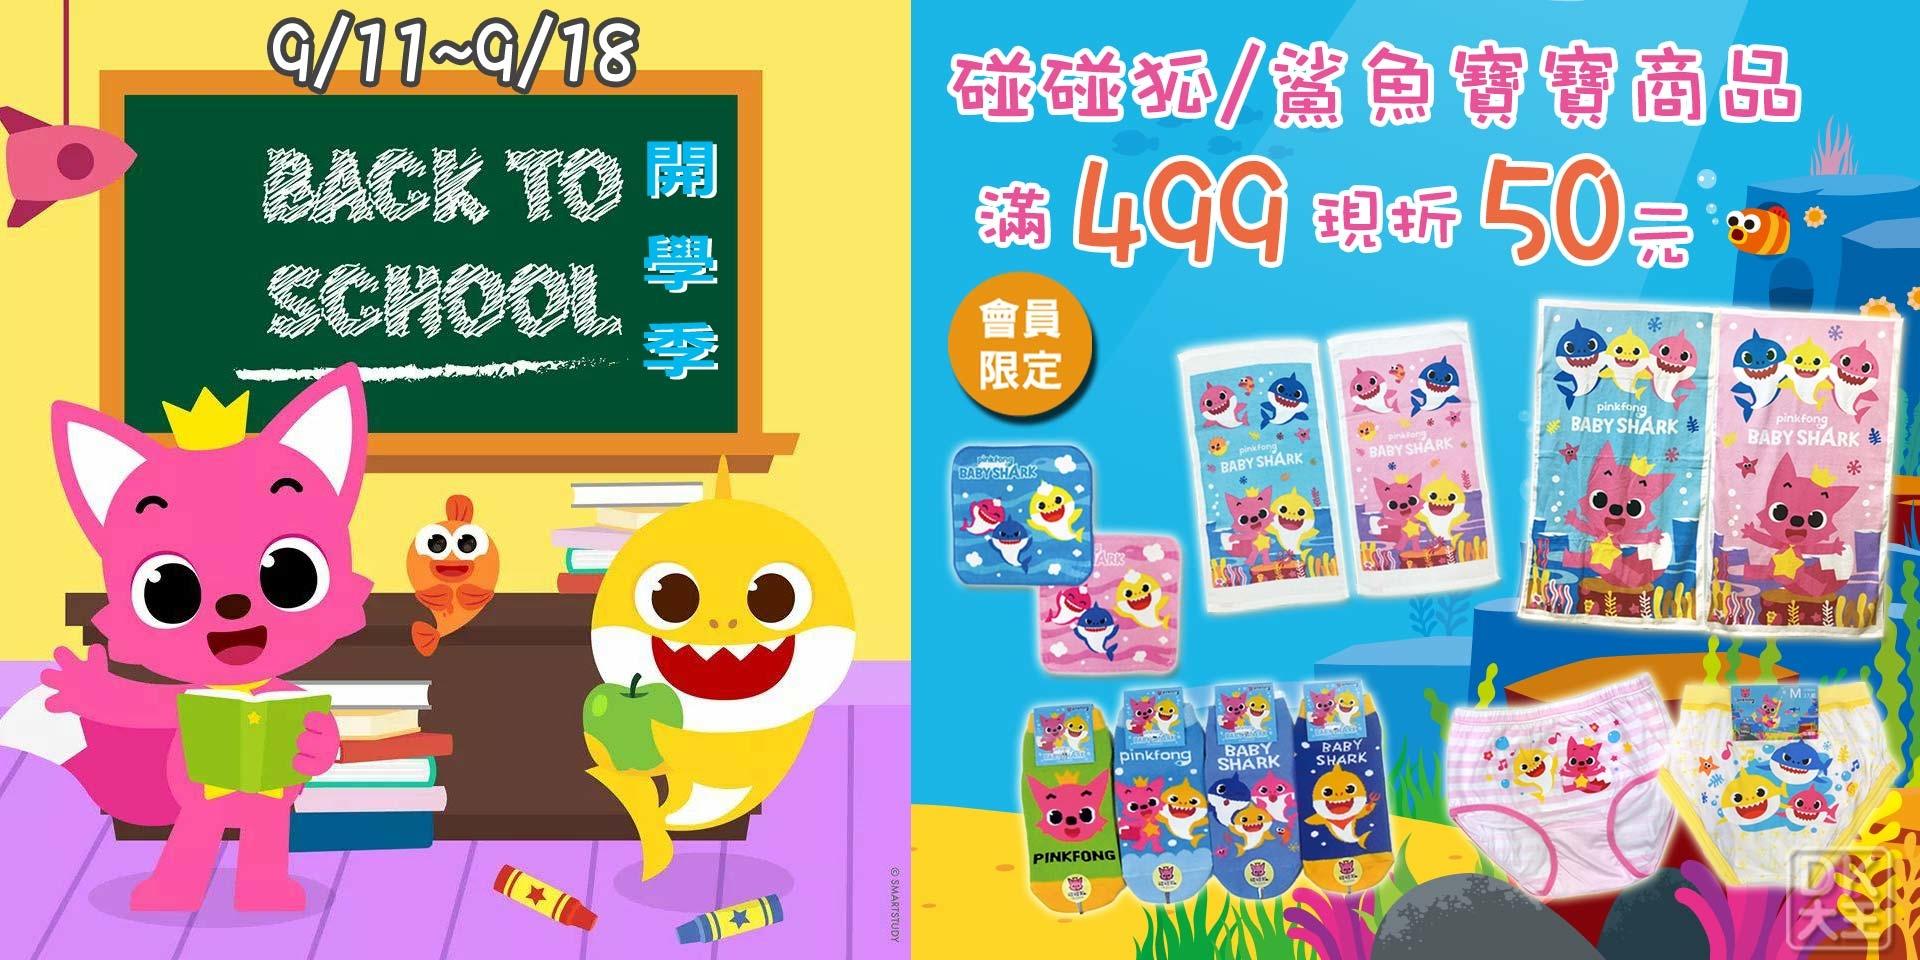 歡慶開學季~會員限定活動,碰碰狐/鯊魚寶寶商品滿499現折50元!